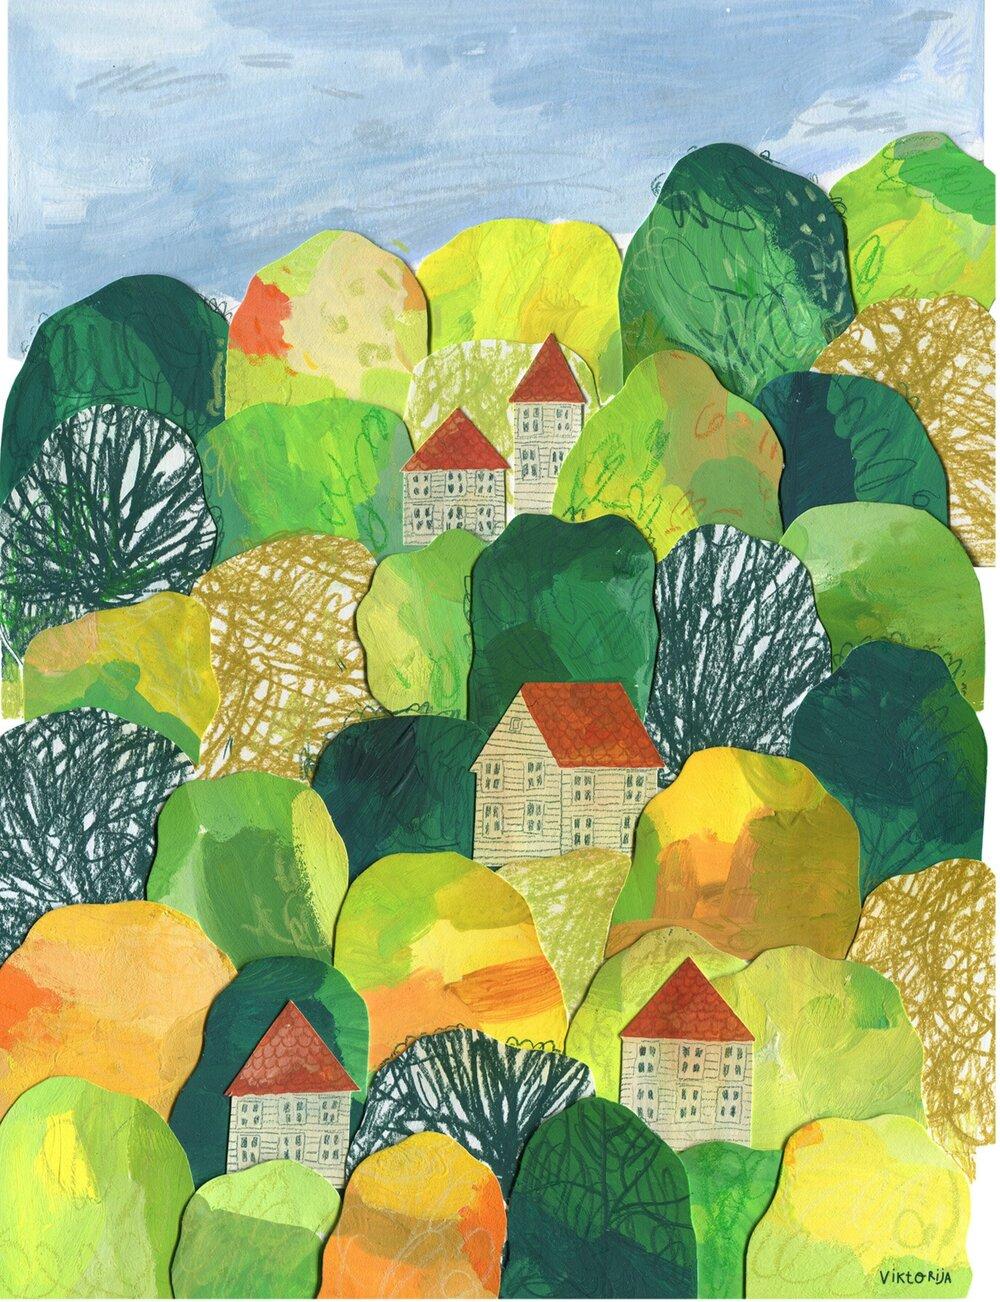 Autumn+Forest+Fl%C3%B8yen+Bergen+Print.jpg